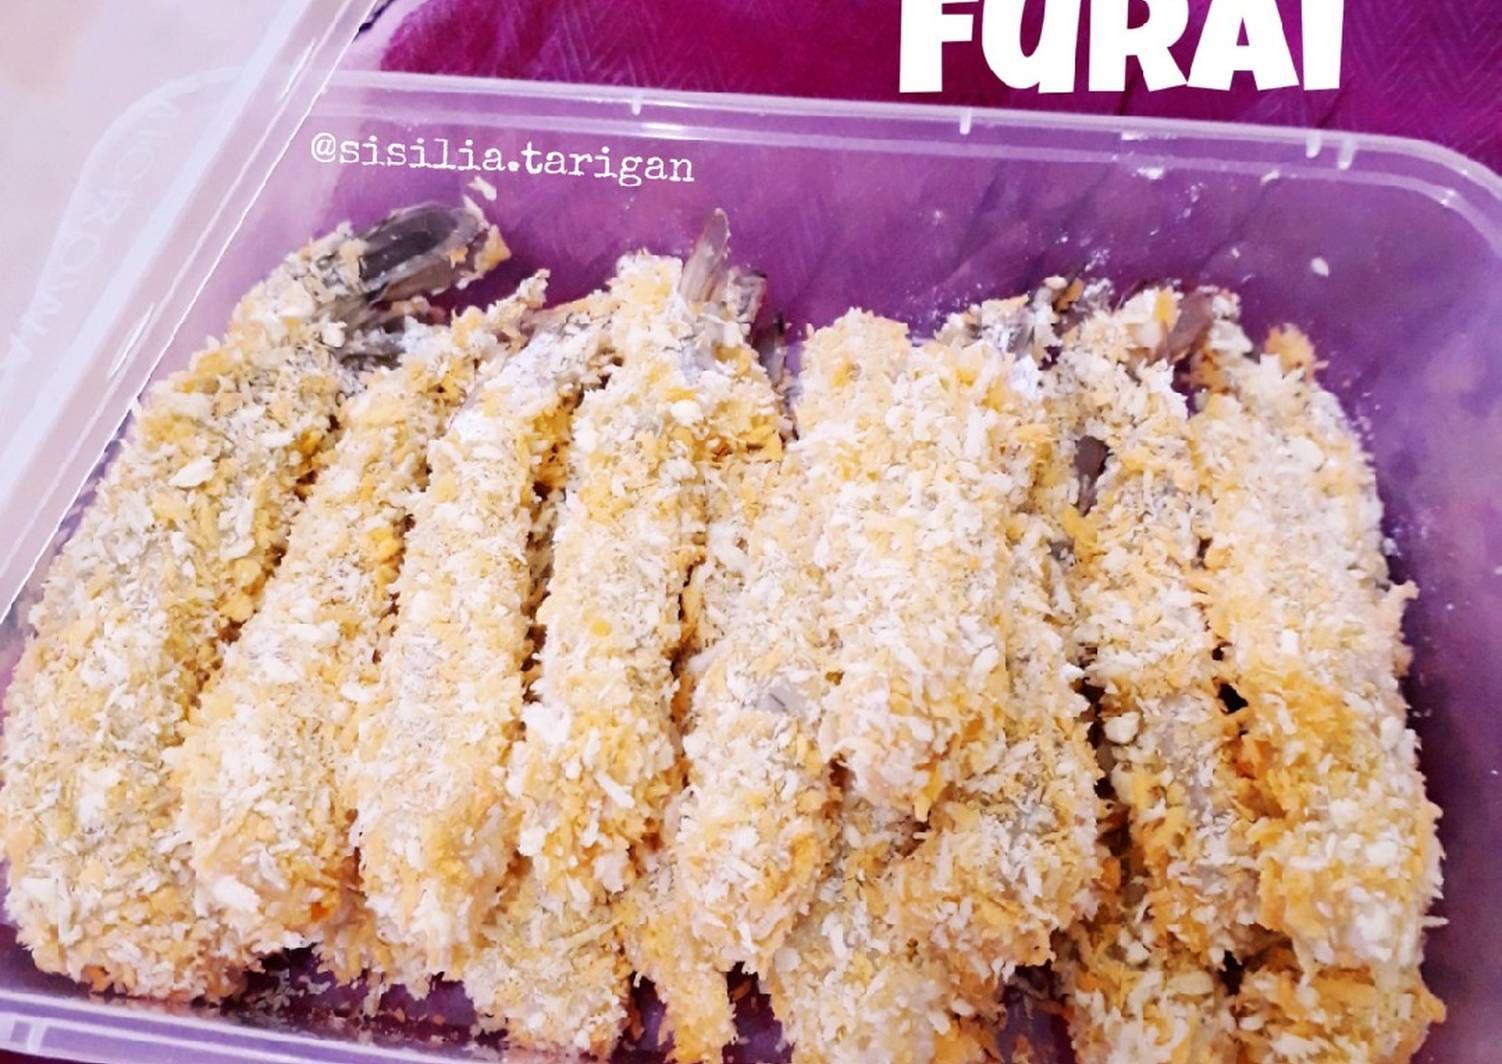 Resep Ebi Furai Frozen Oleh Sisilia Tarigan Resep Makanan Krispie Treats Makanan Beku